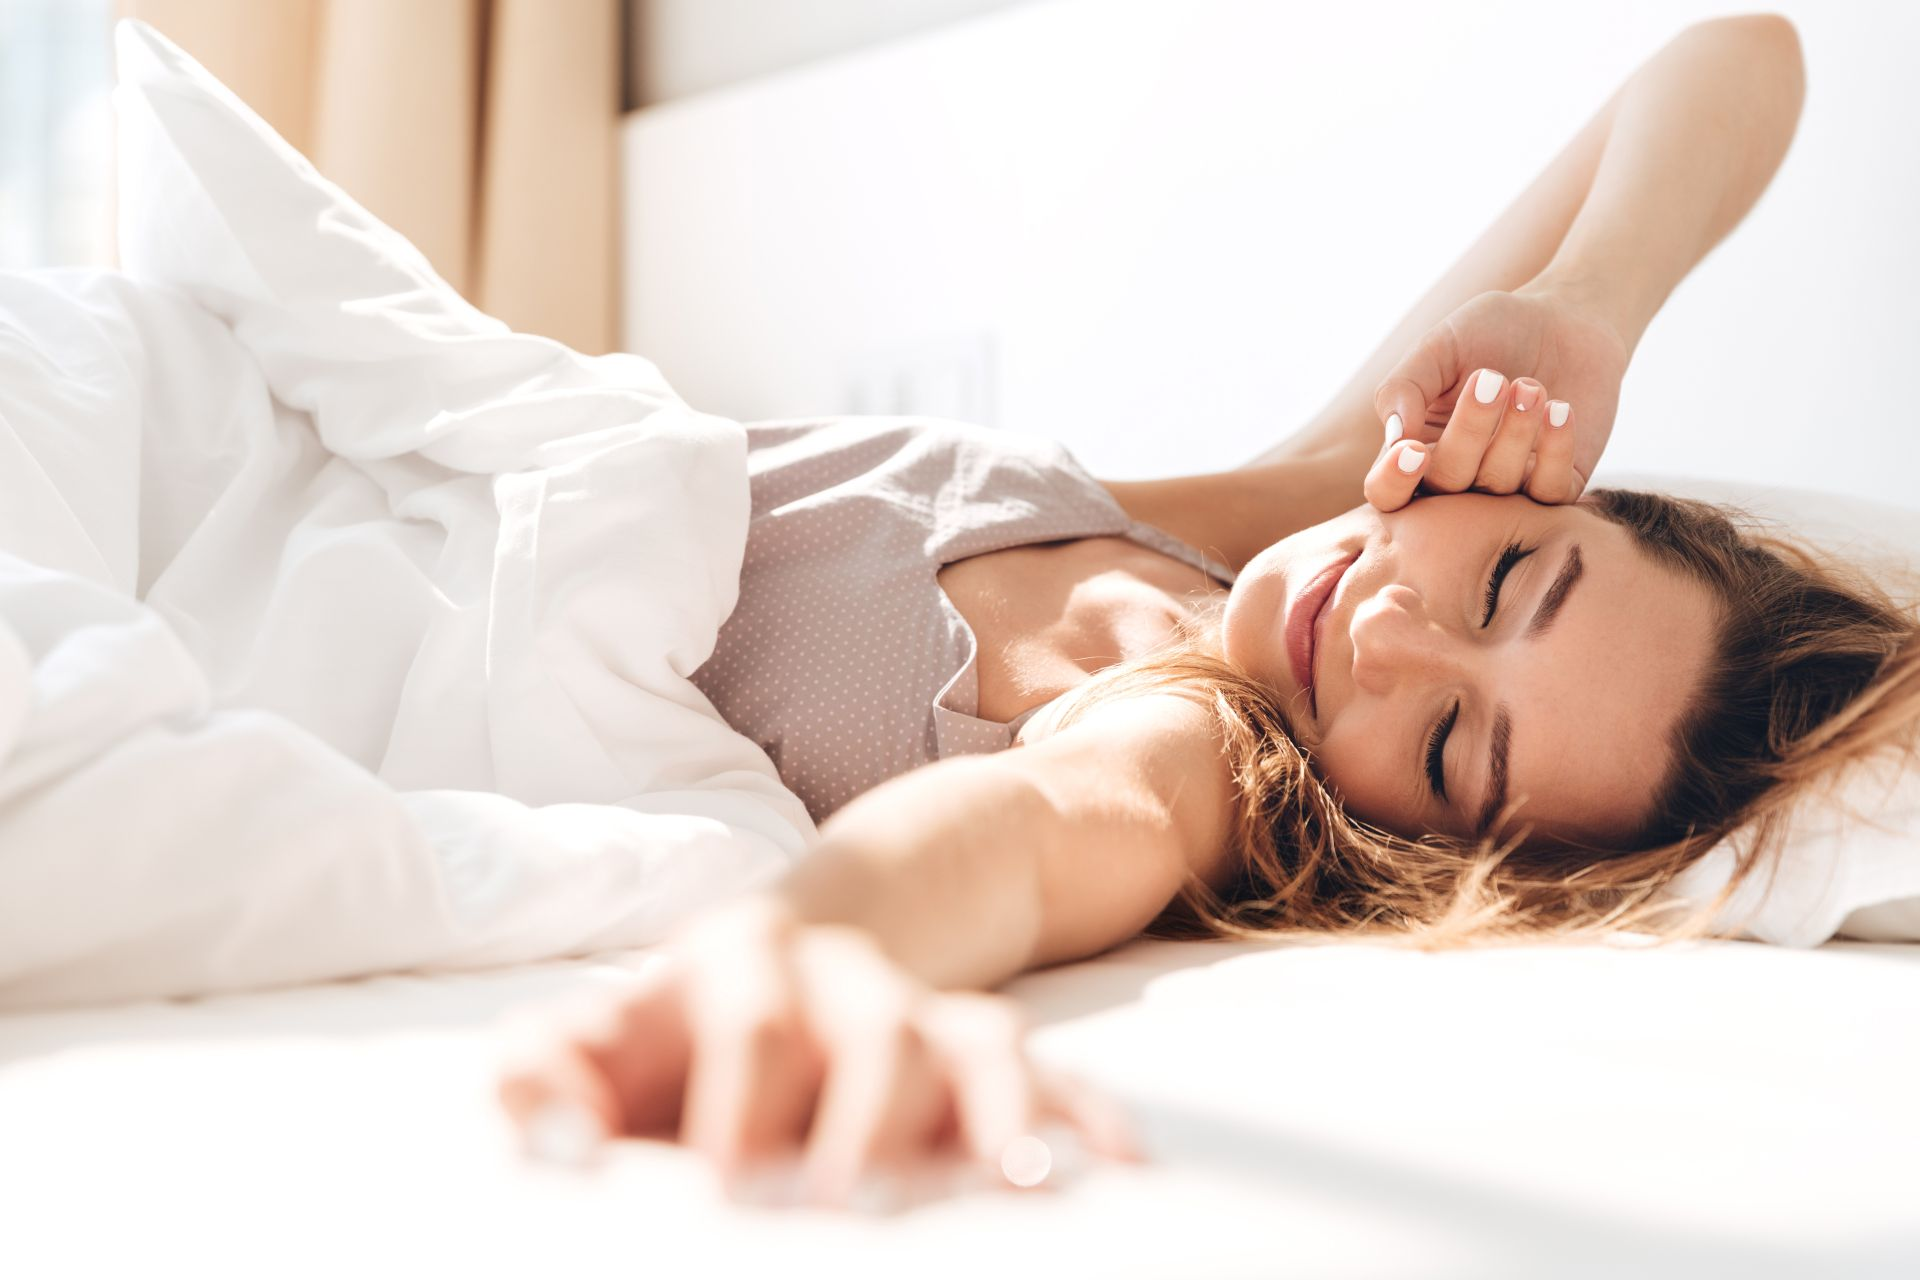 Dobry sen dla zdrowia - nie zarywaj nocy i wysypiaj się, aby wzmacniać odporność